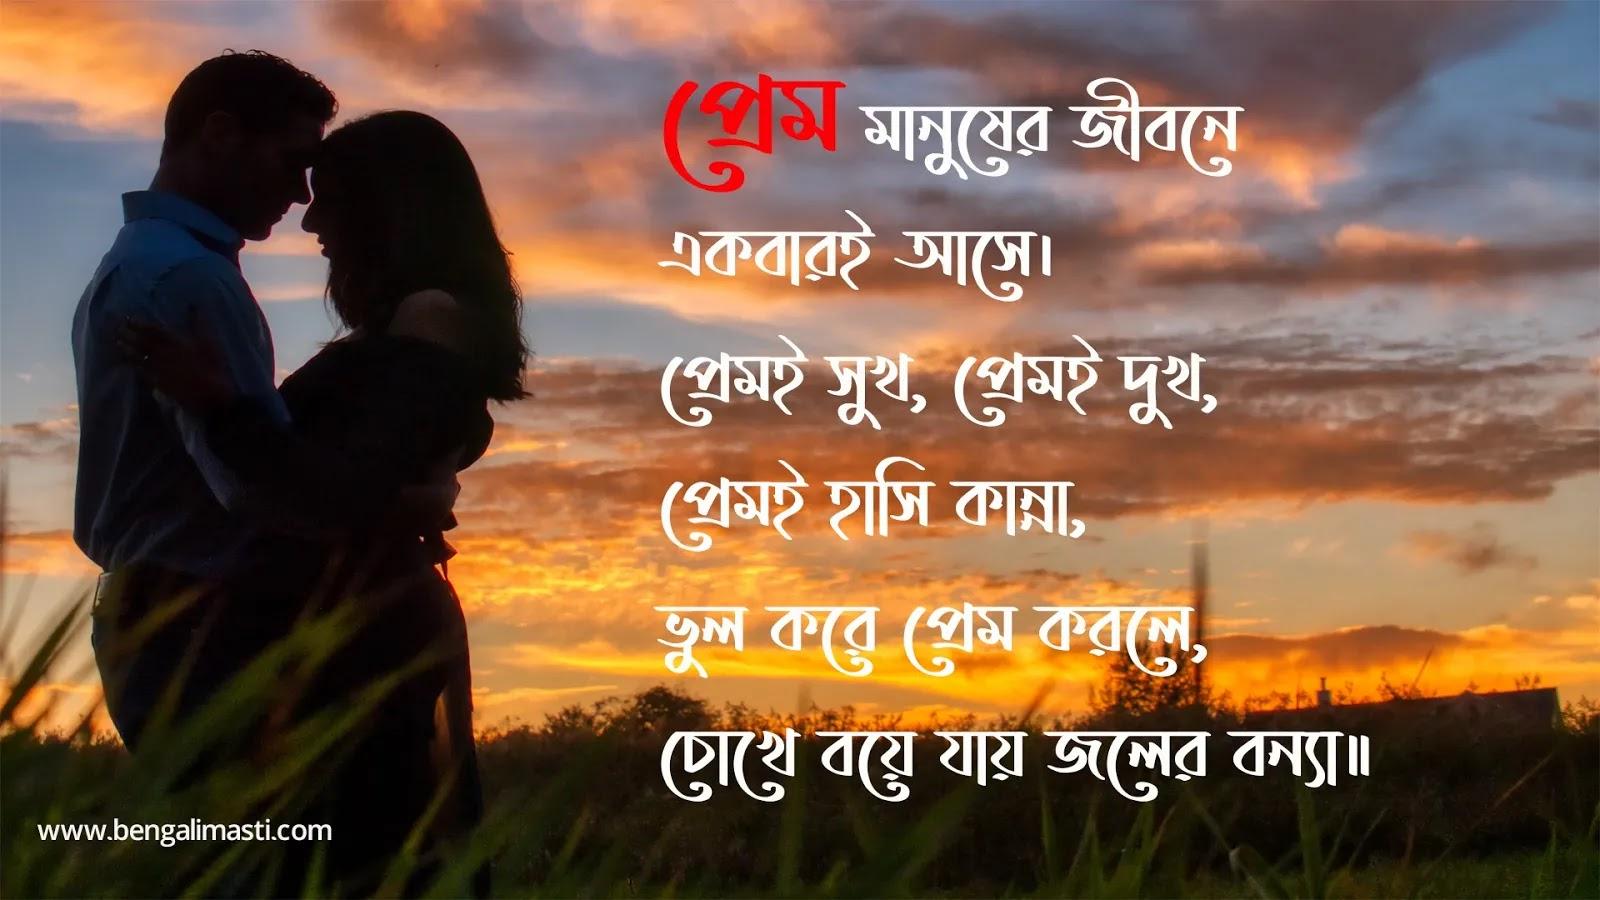 bengali quotes attitude